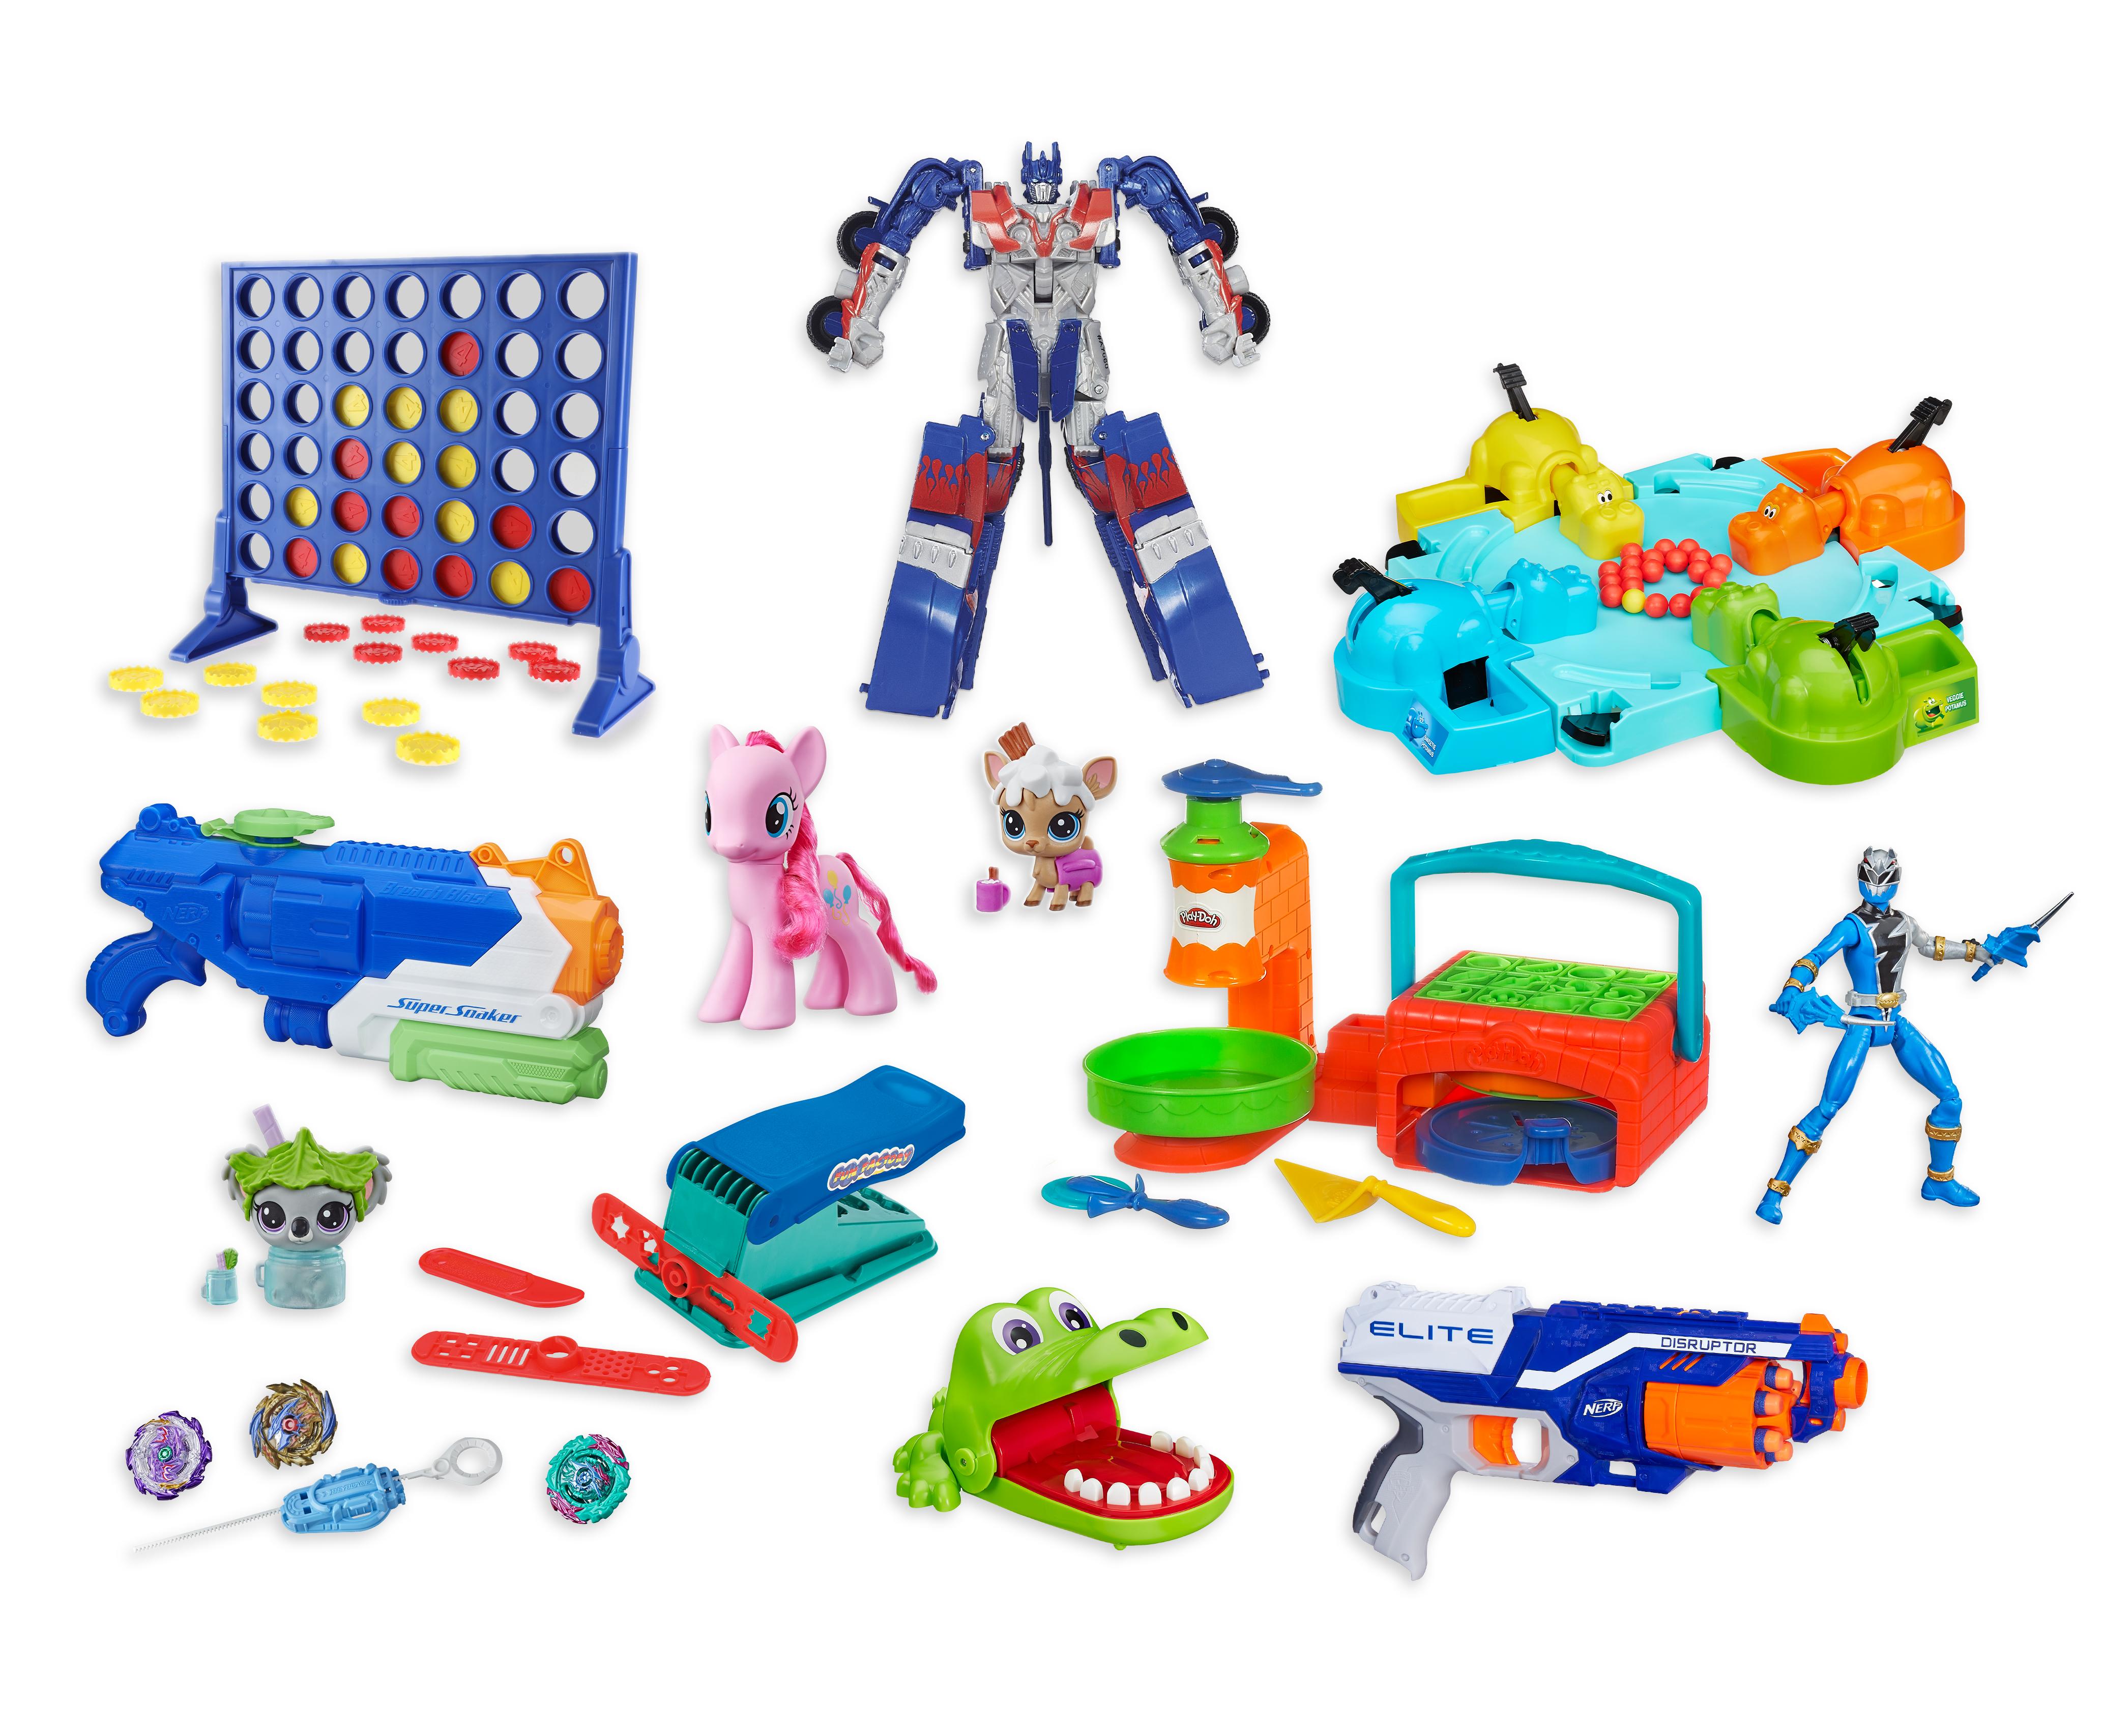 Thumbnail for Hasbro Spielzeug Recyclingprogramm